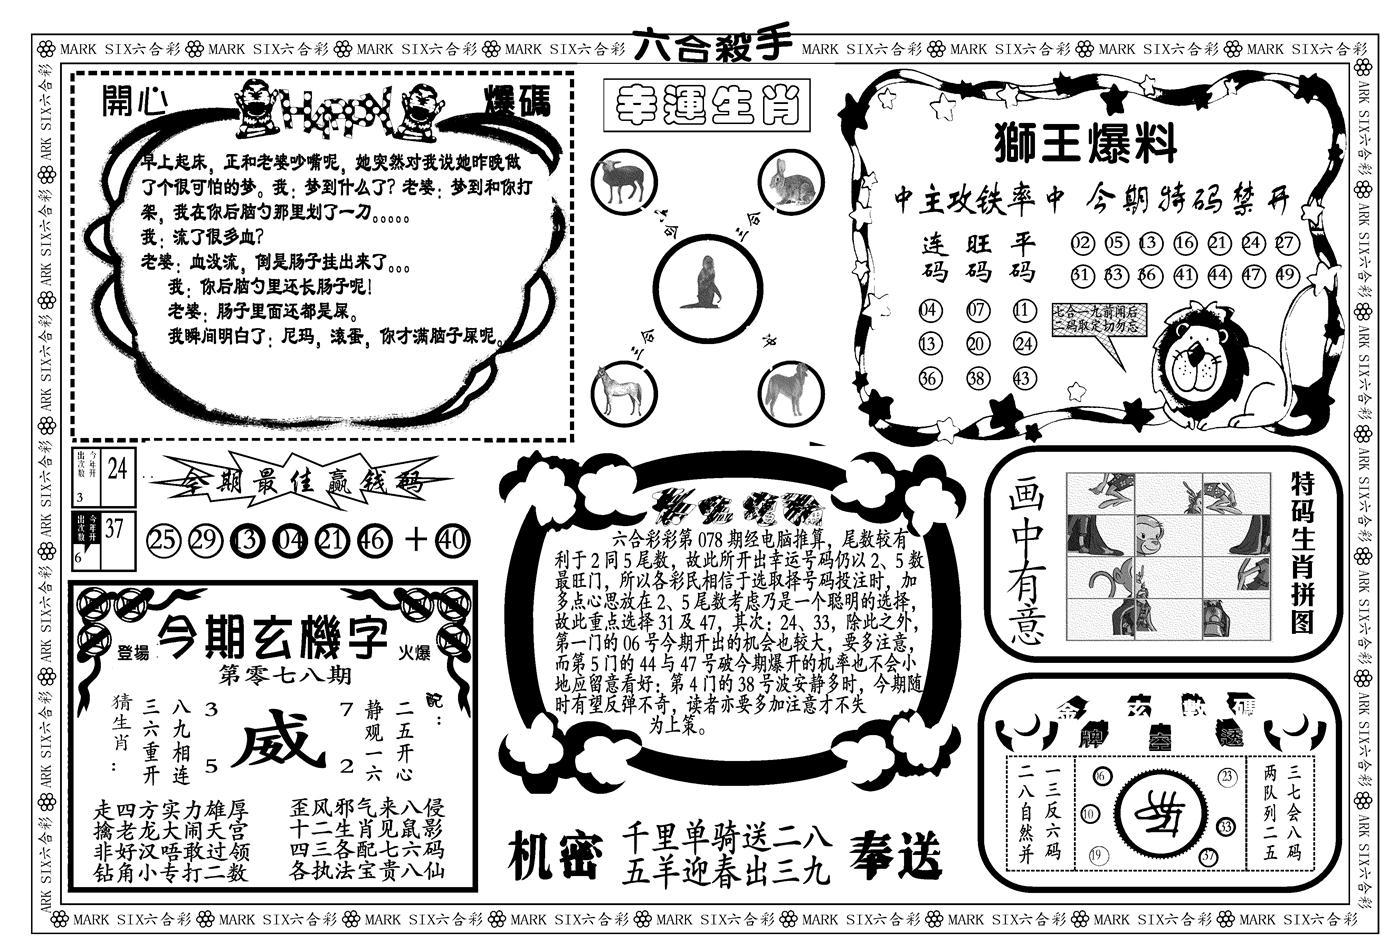 078期新六合杀手B(黑白)